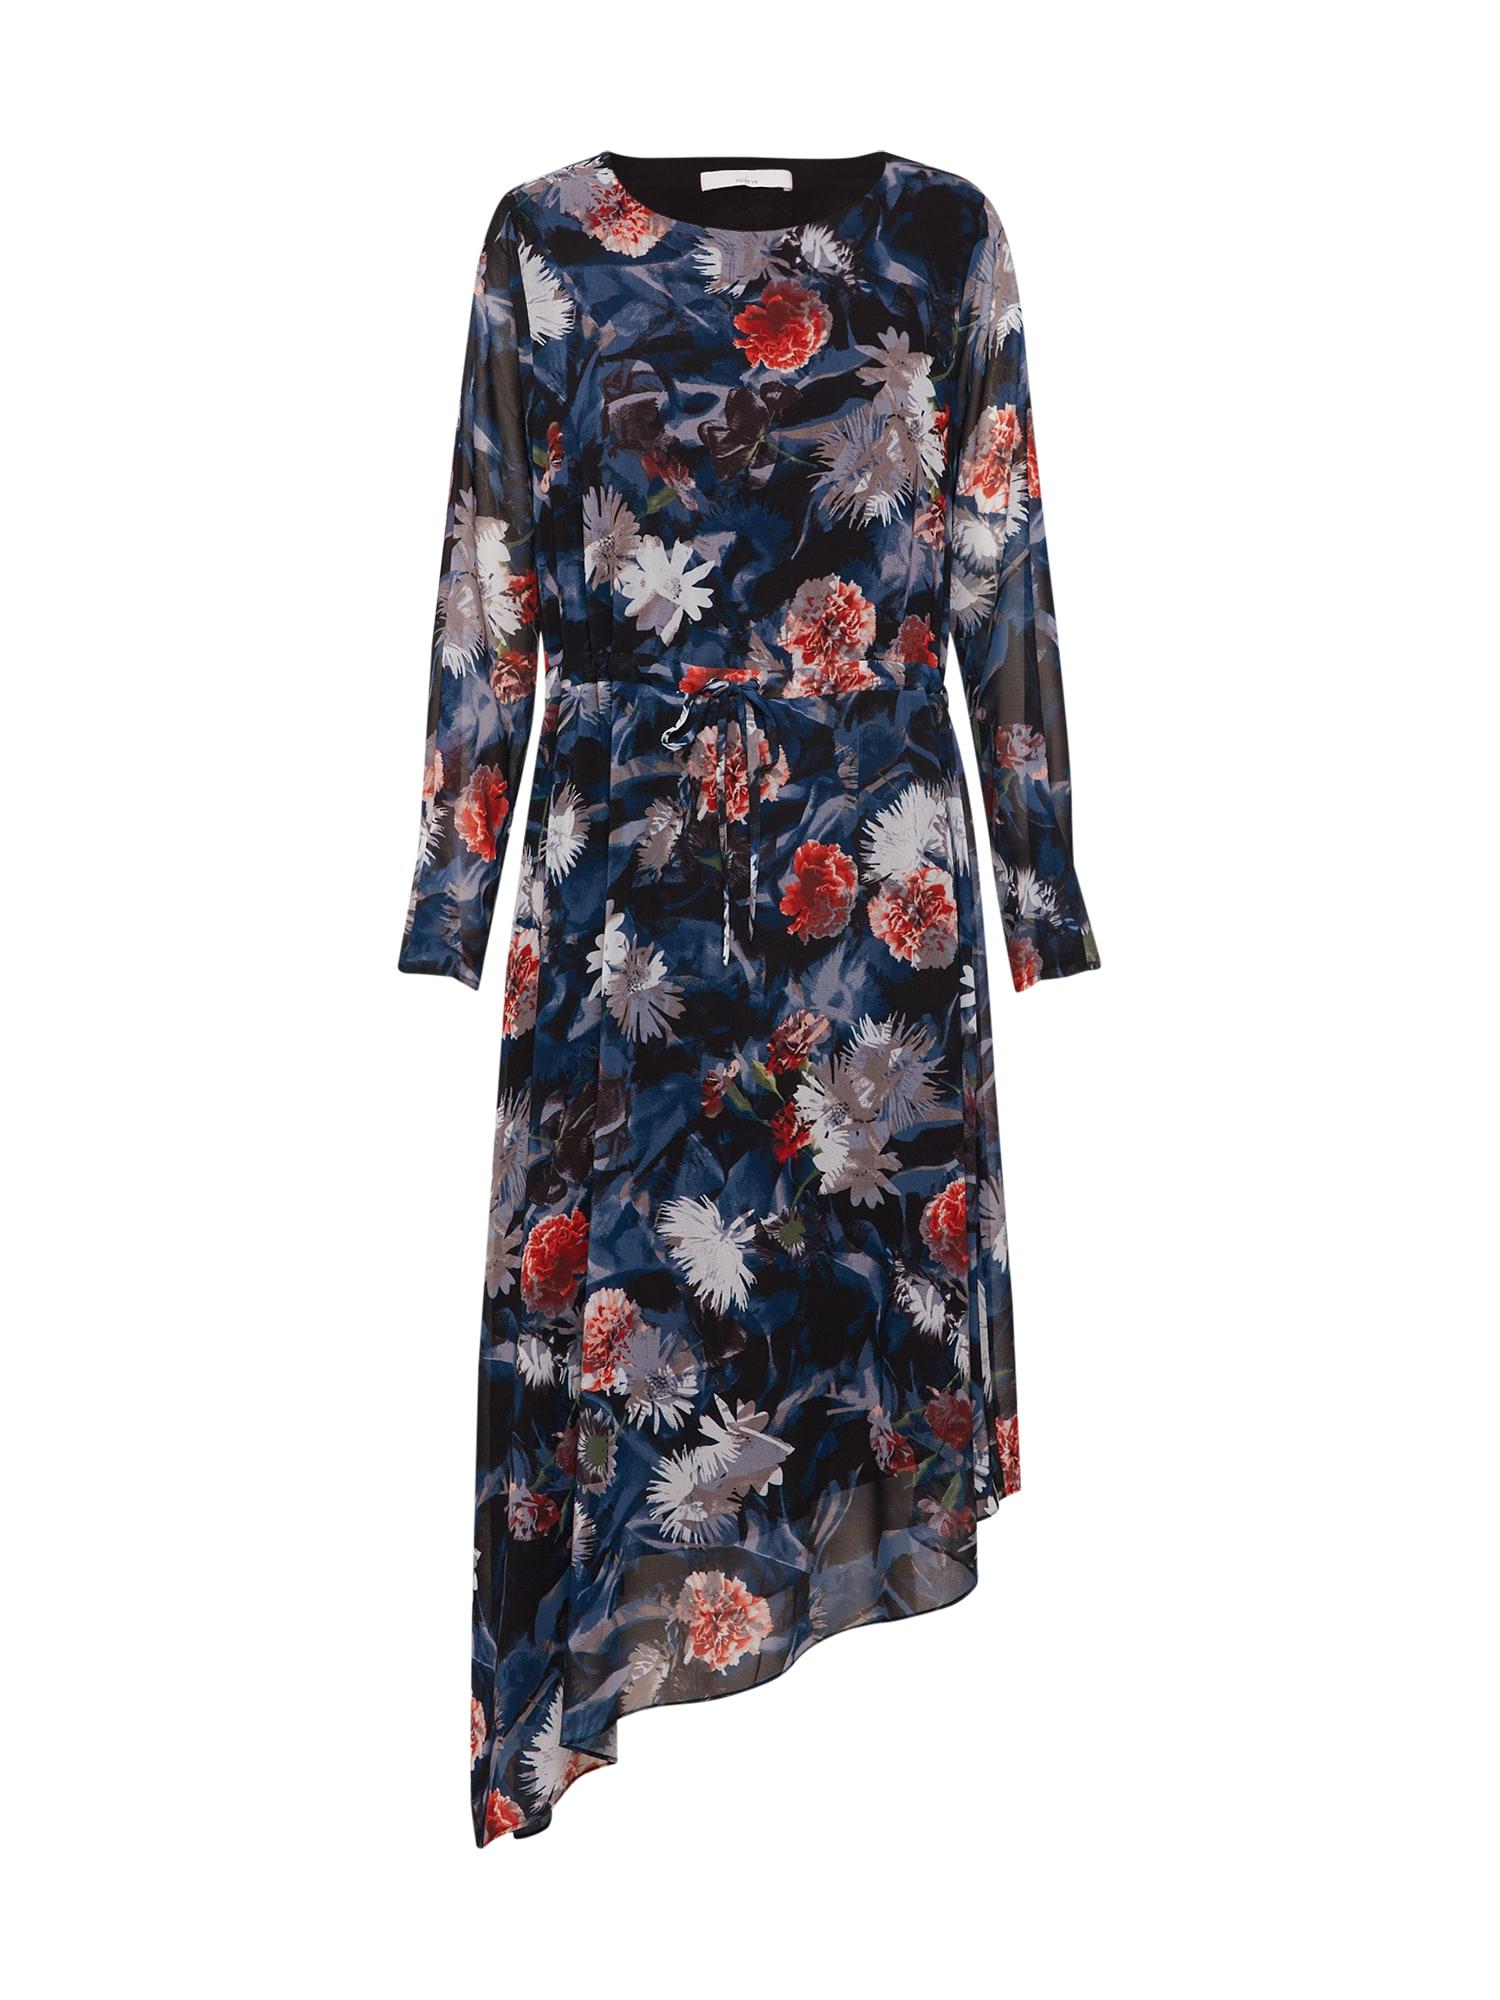 Šaty POSELENEA LONG STRING DRESS modrá růžová POSTYR